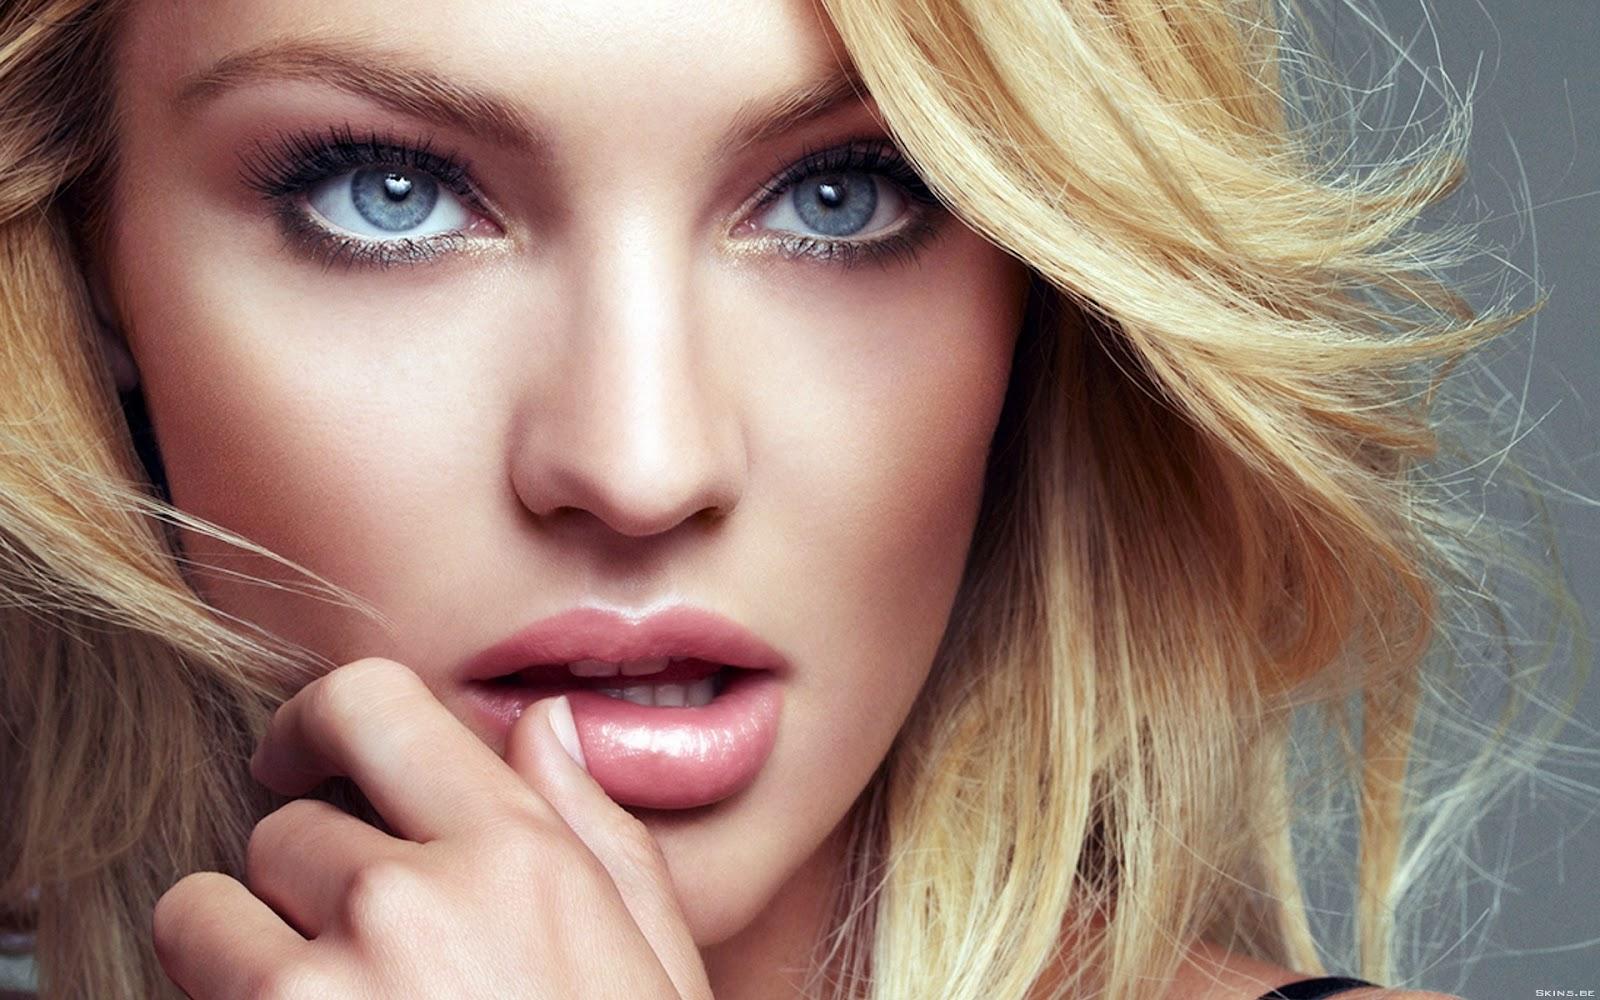 As 10 mulheres mais lindas do mundo 2014